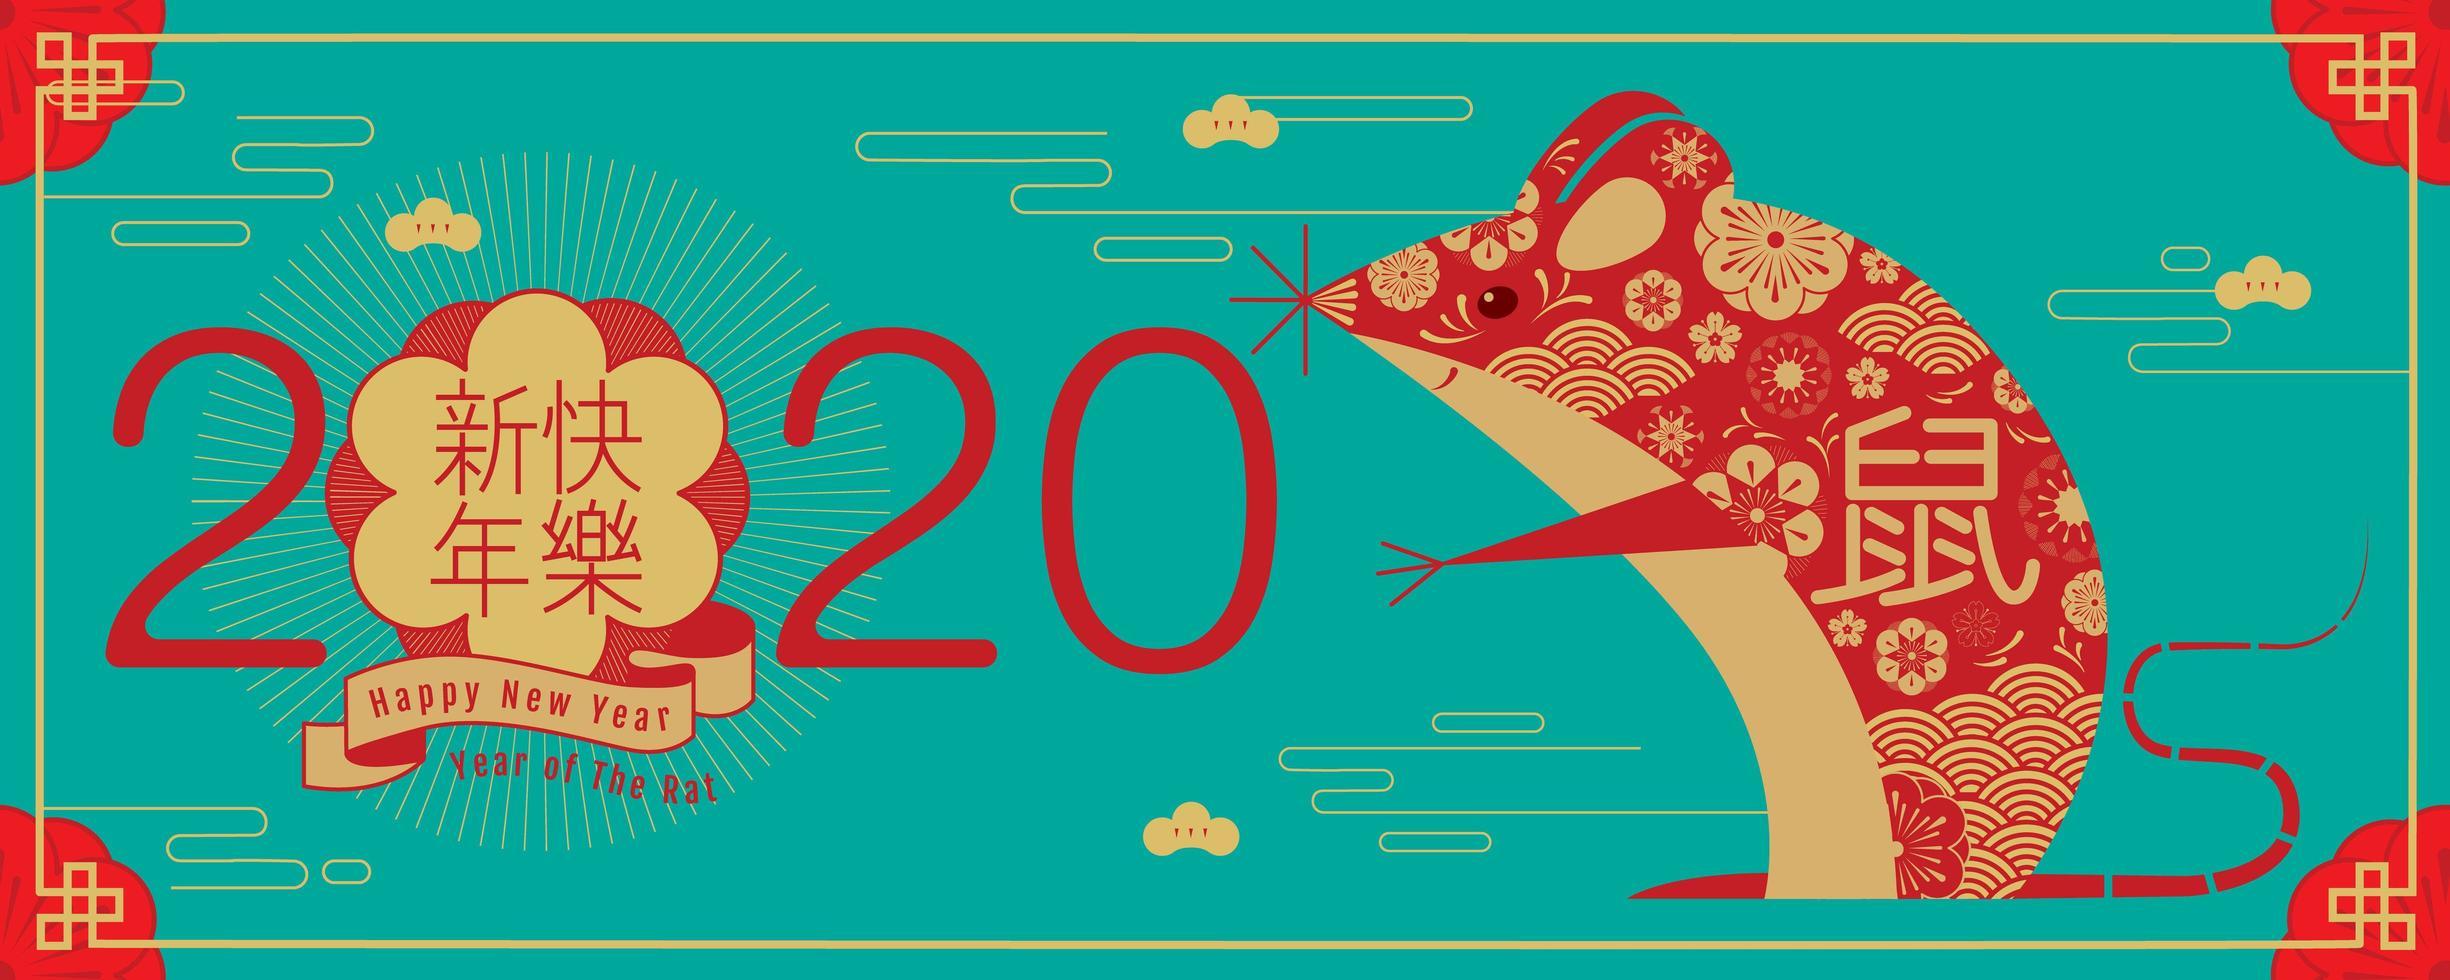 bannière de rat à motifs nouvel an chinois 2020 vecteur